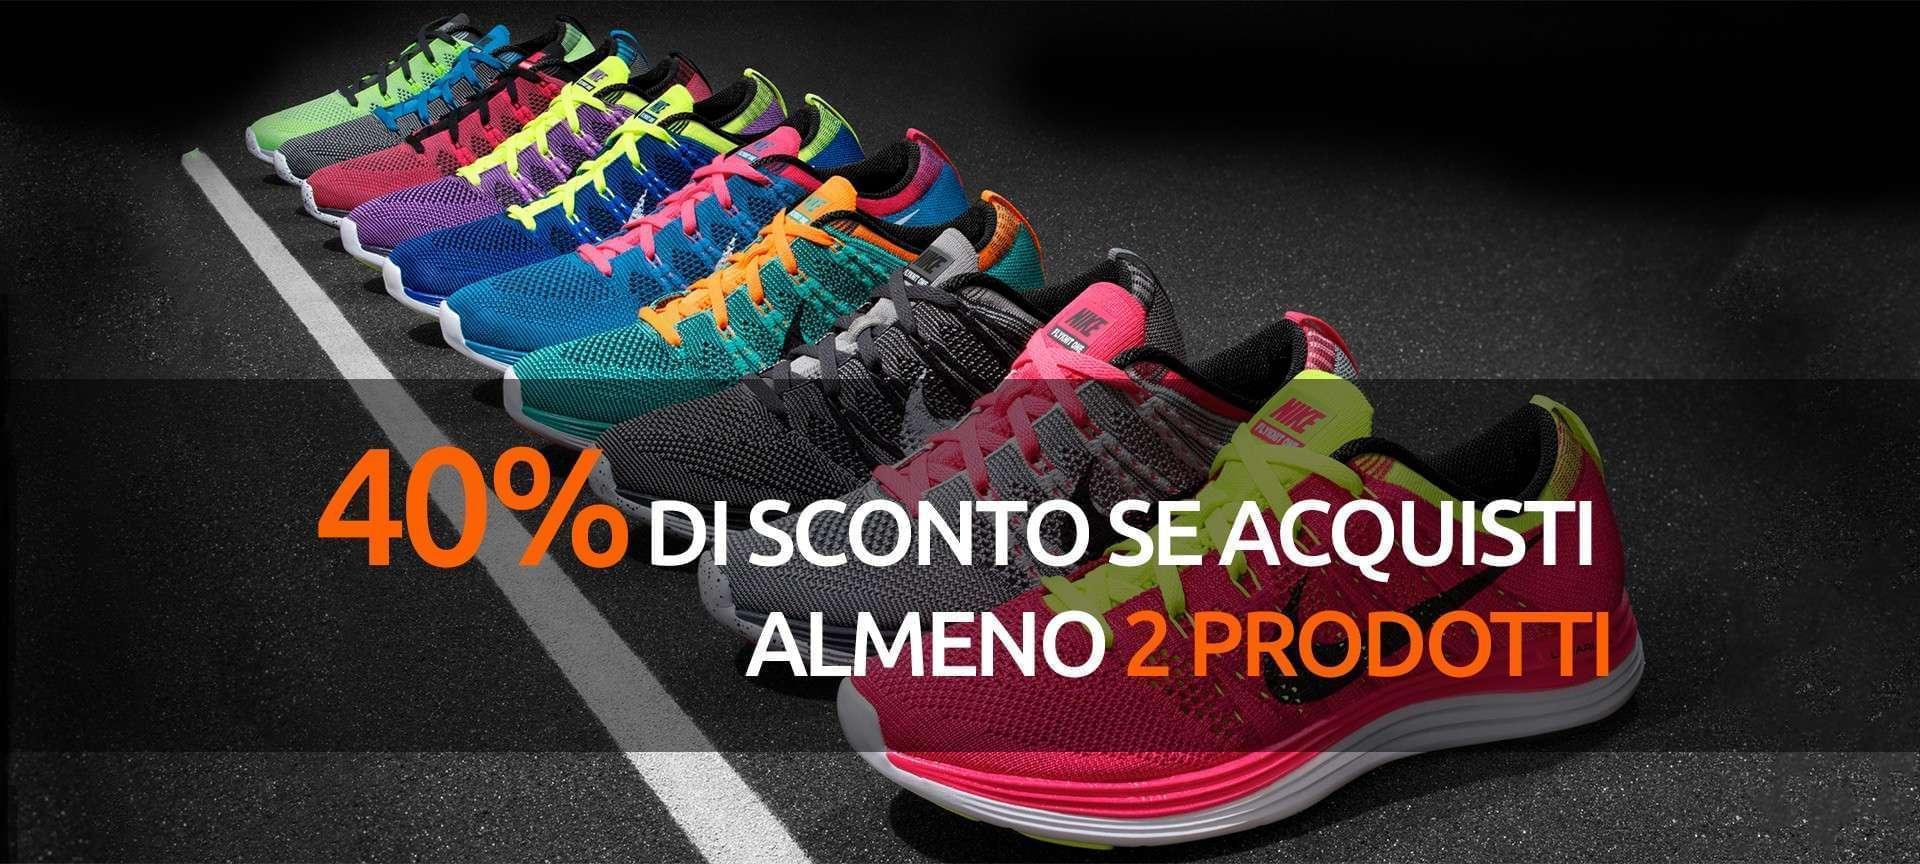 40% di sconto con l'acquisto di 2 prodotti